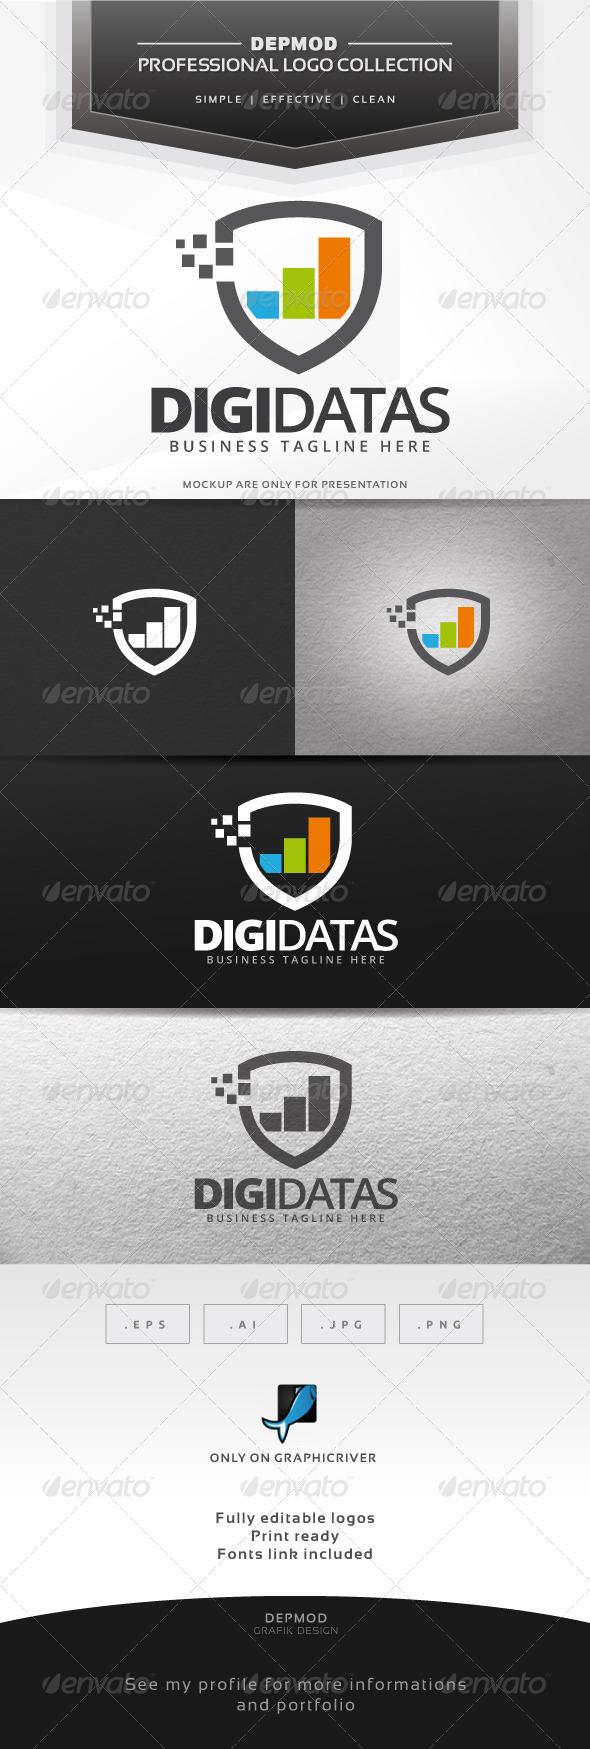 GraphicRiver Digi Datas Logo 7513728